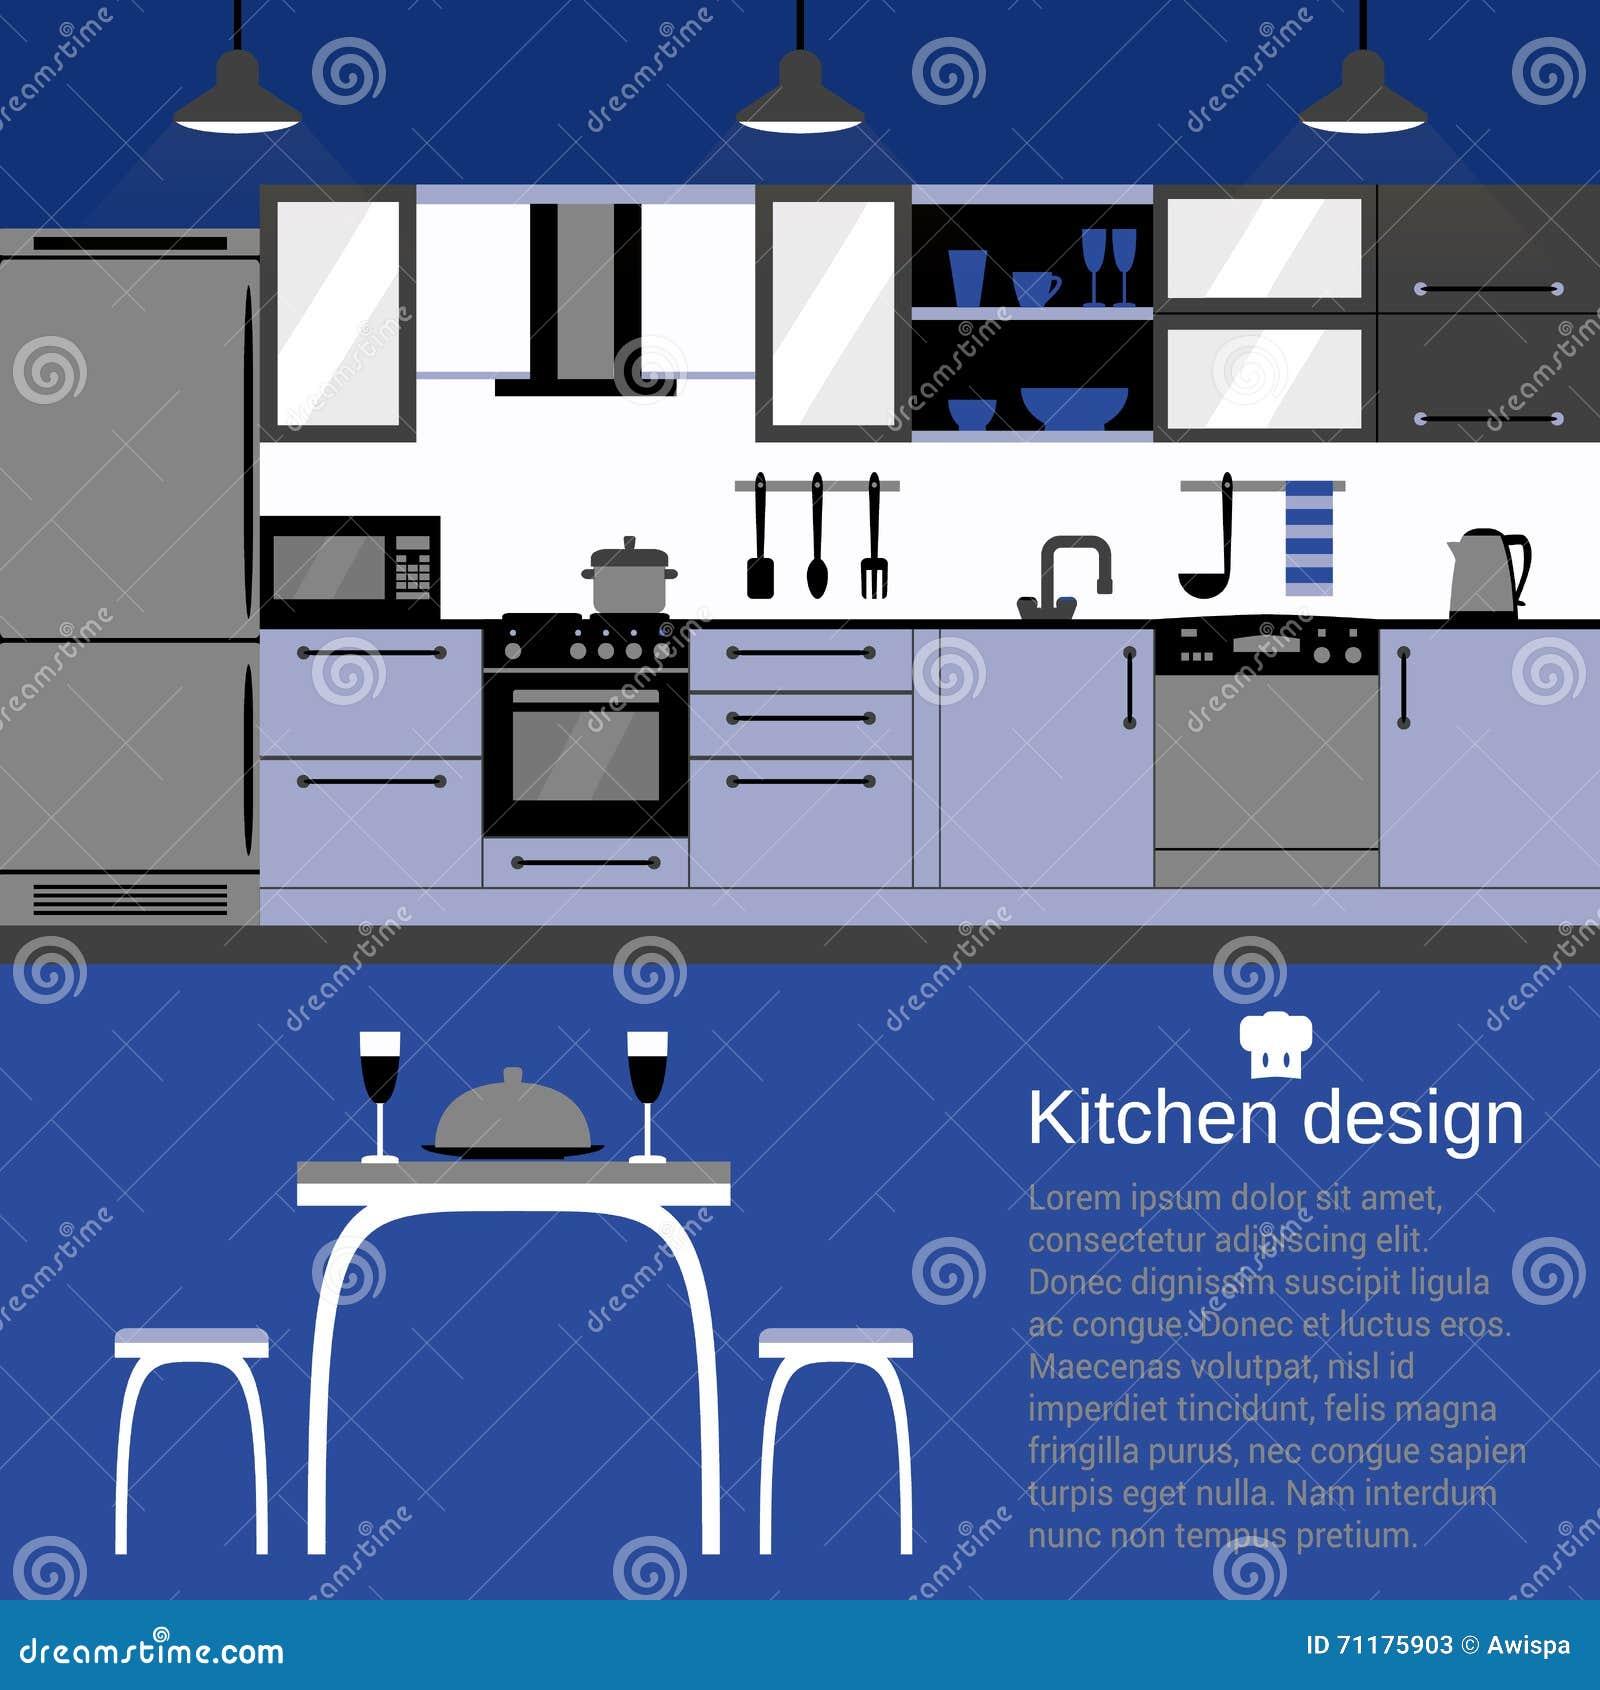 Modern Kitchen Interior Flat Design With Home Furniture